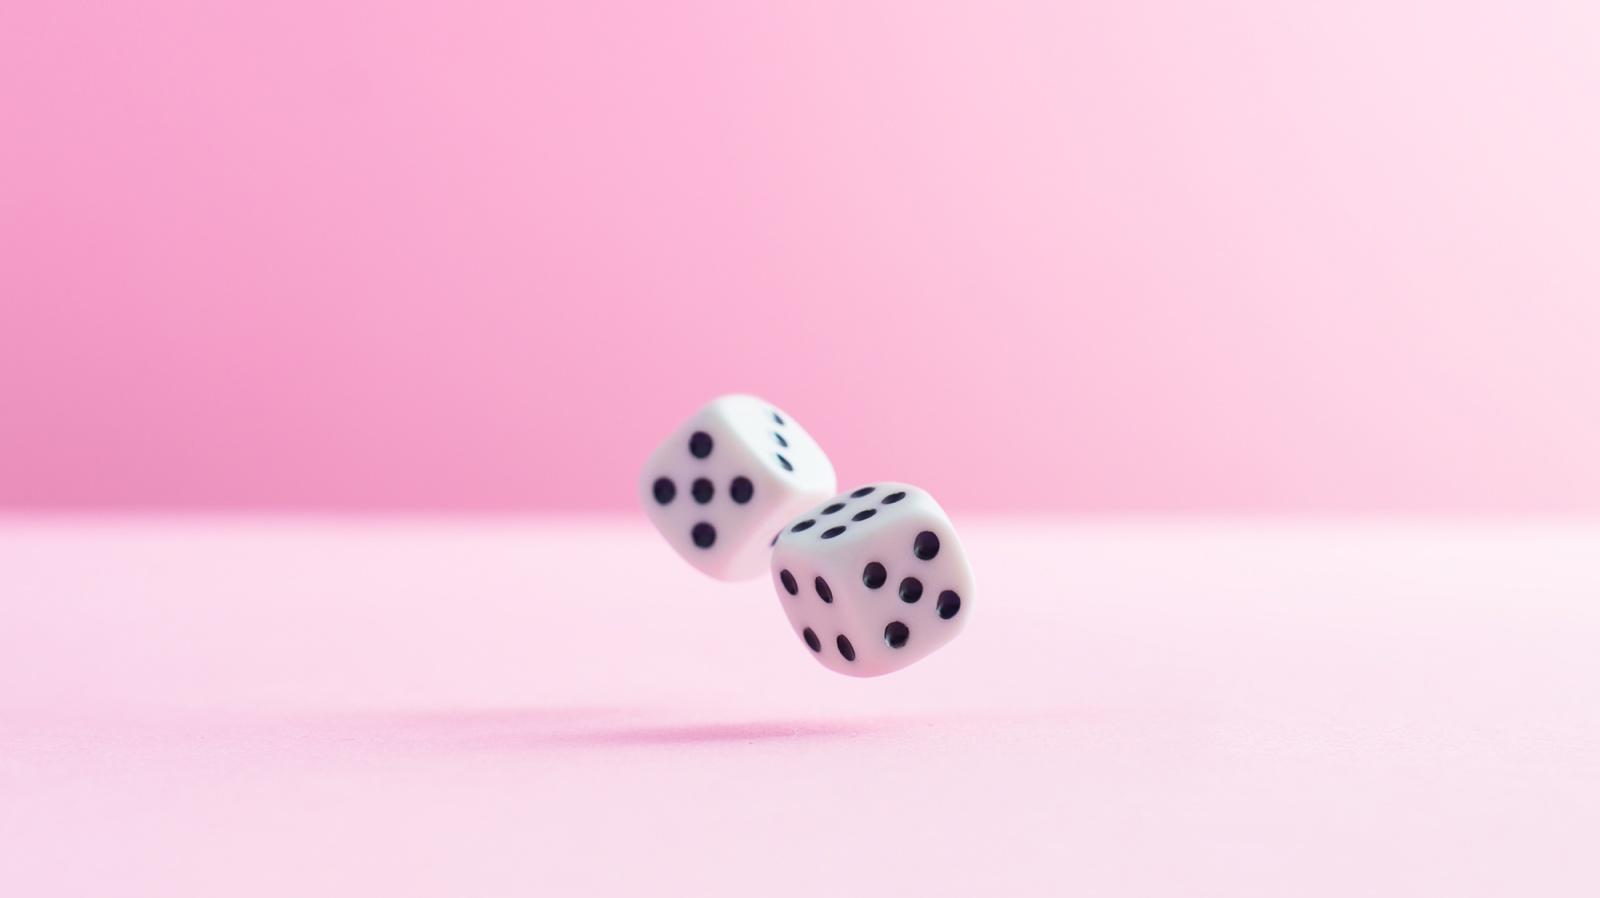 В квантовых играх не получится рассчитывать на удачу - 1